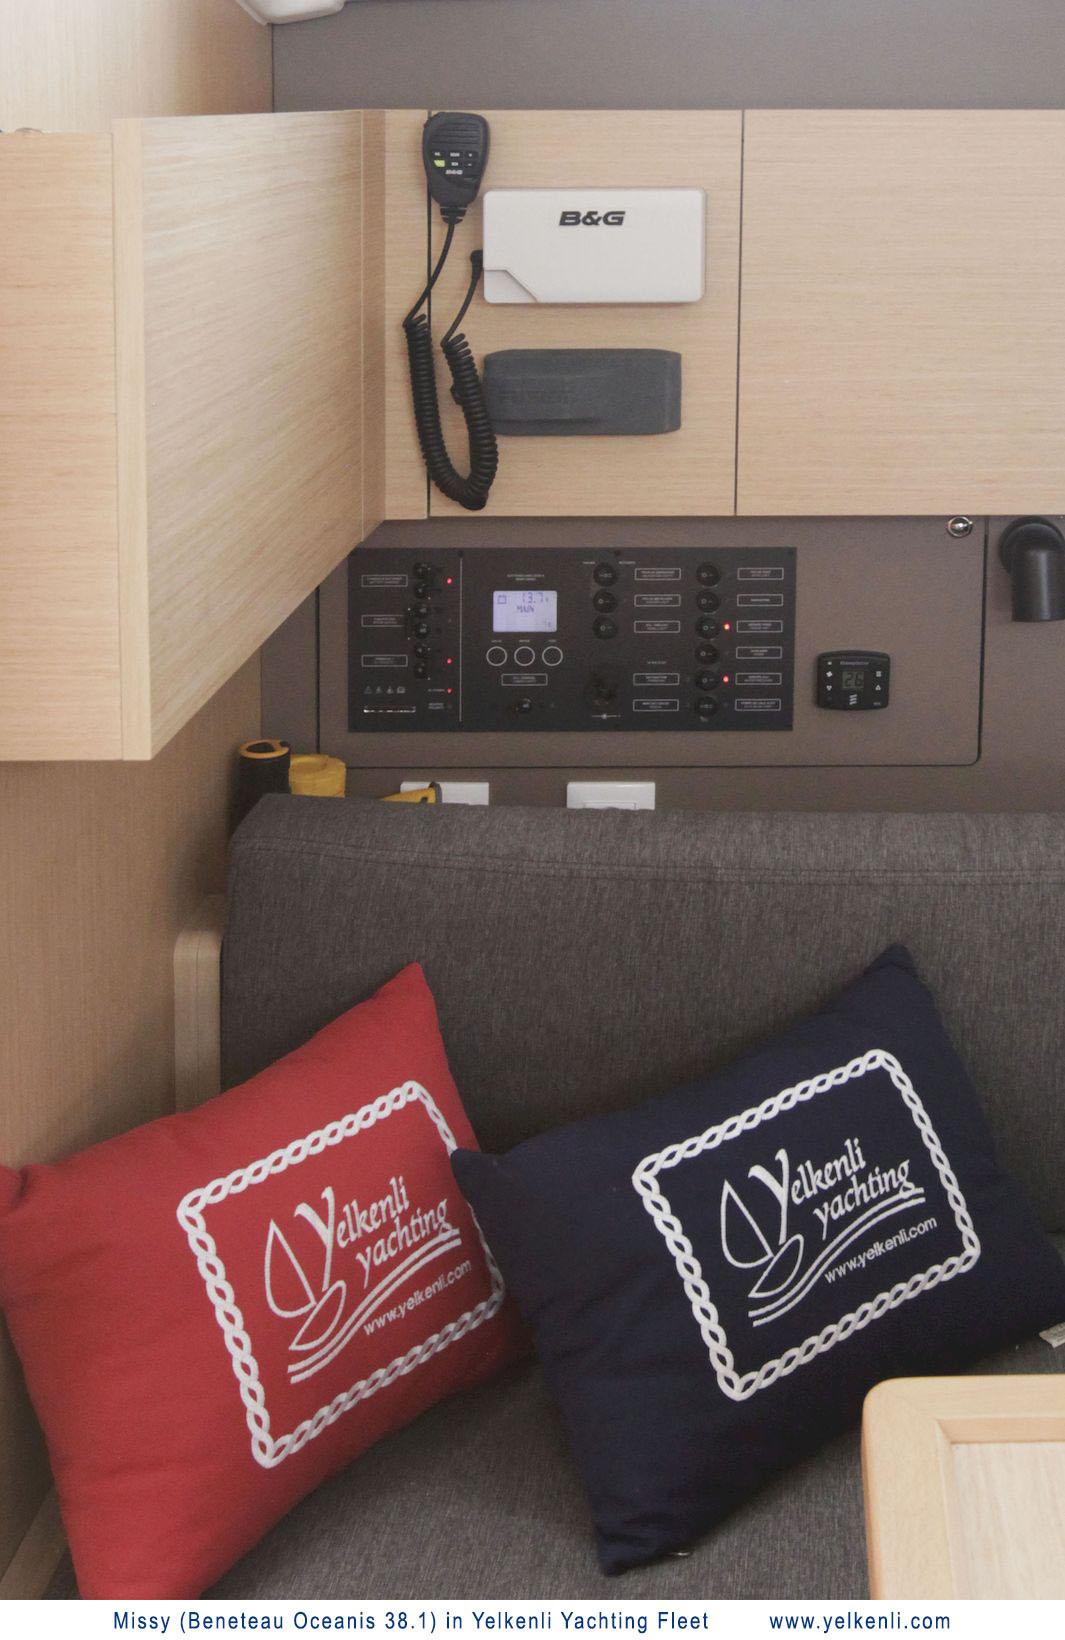 VHF Controls